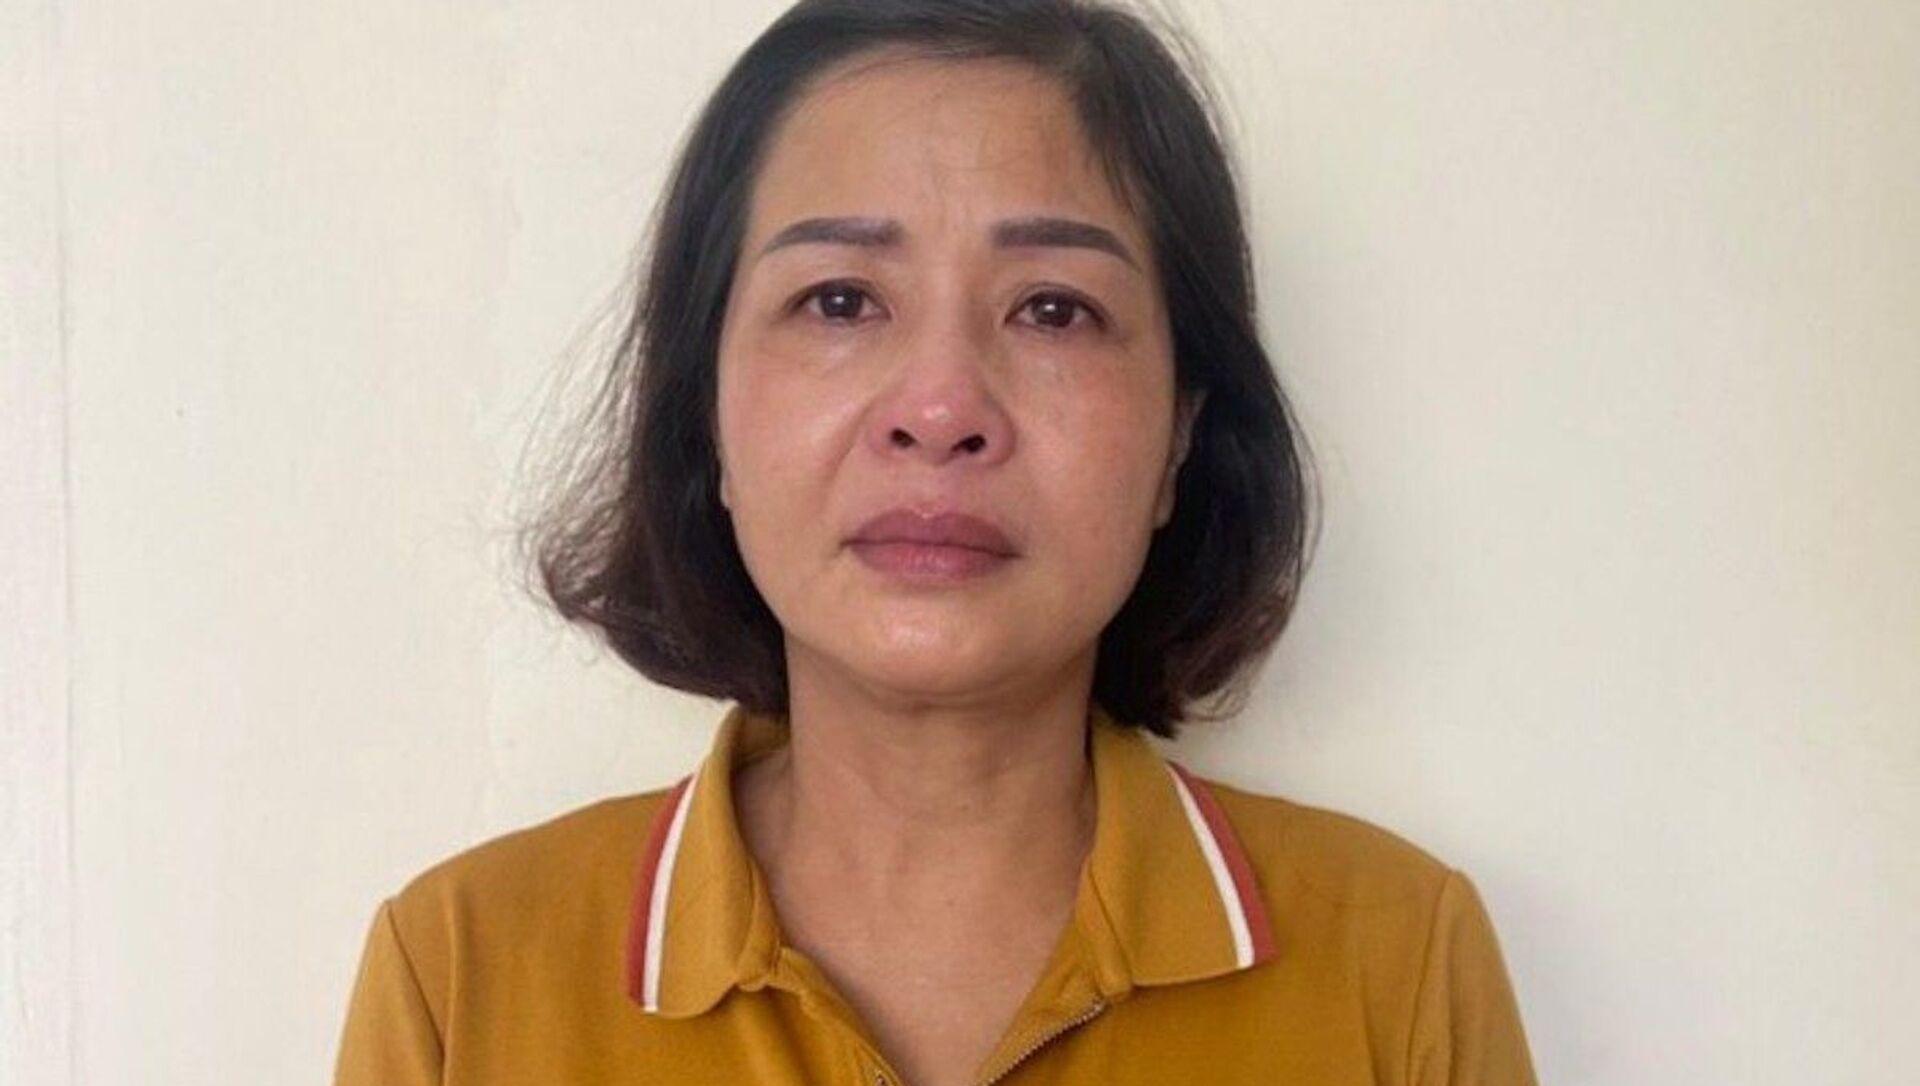 Bà Phạm Thị Hằng. - Sputnik Việt Nam, 1920, 19.07.2021